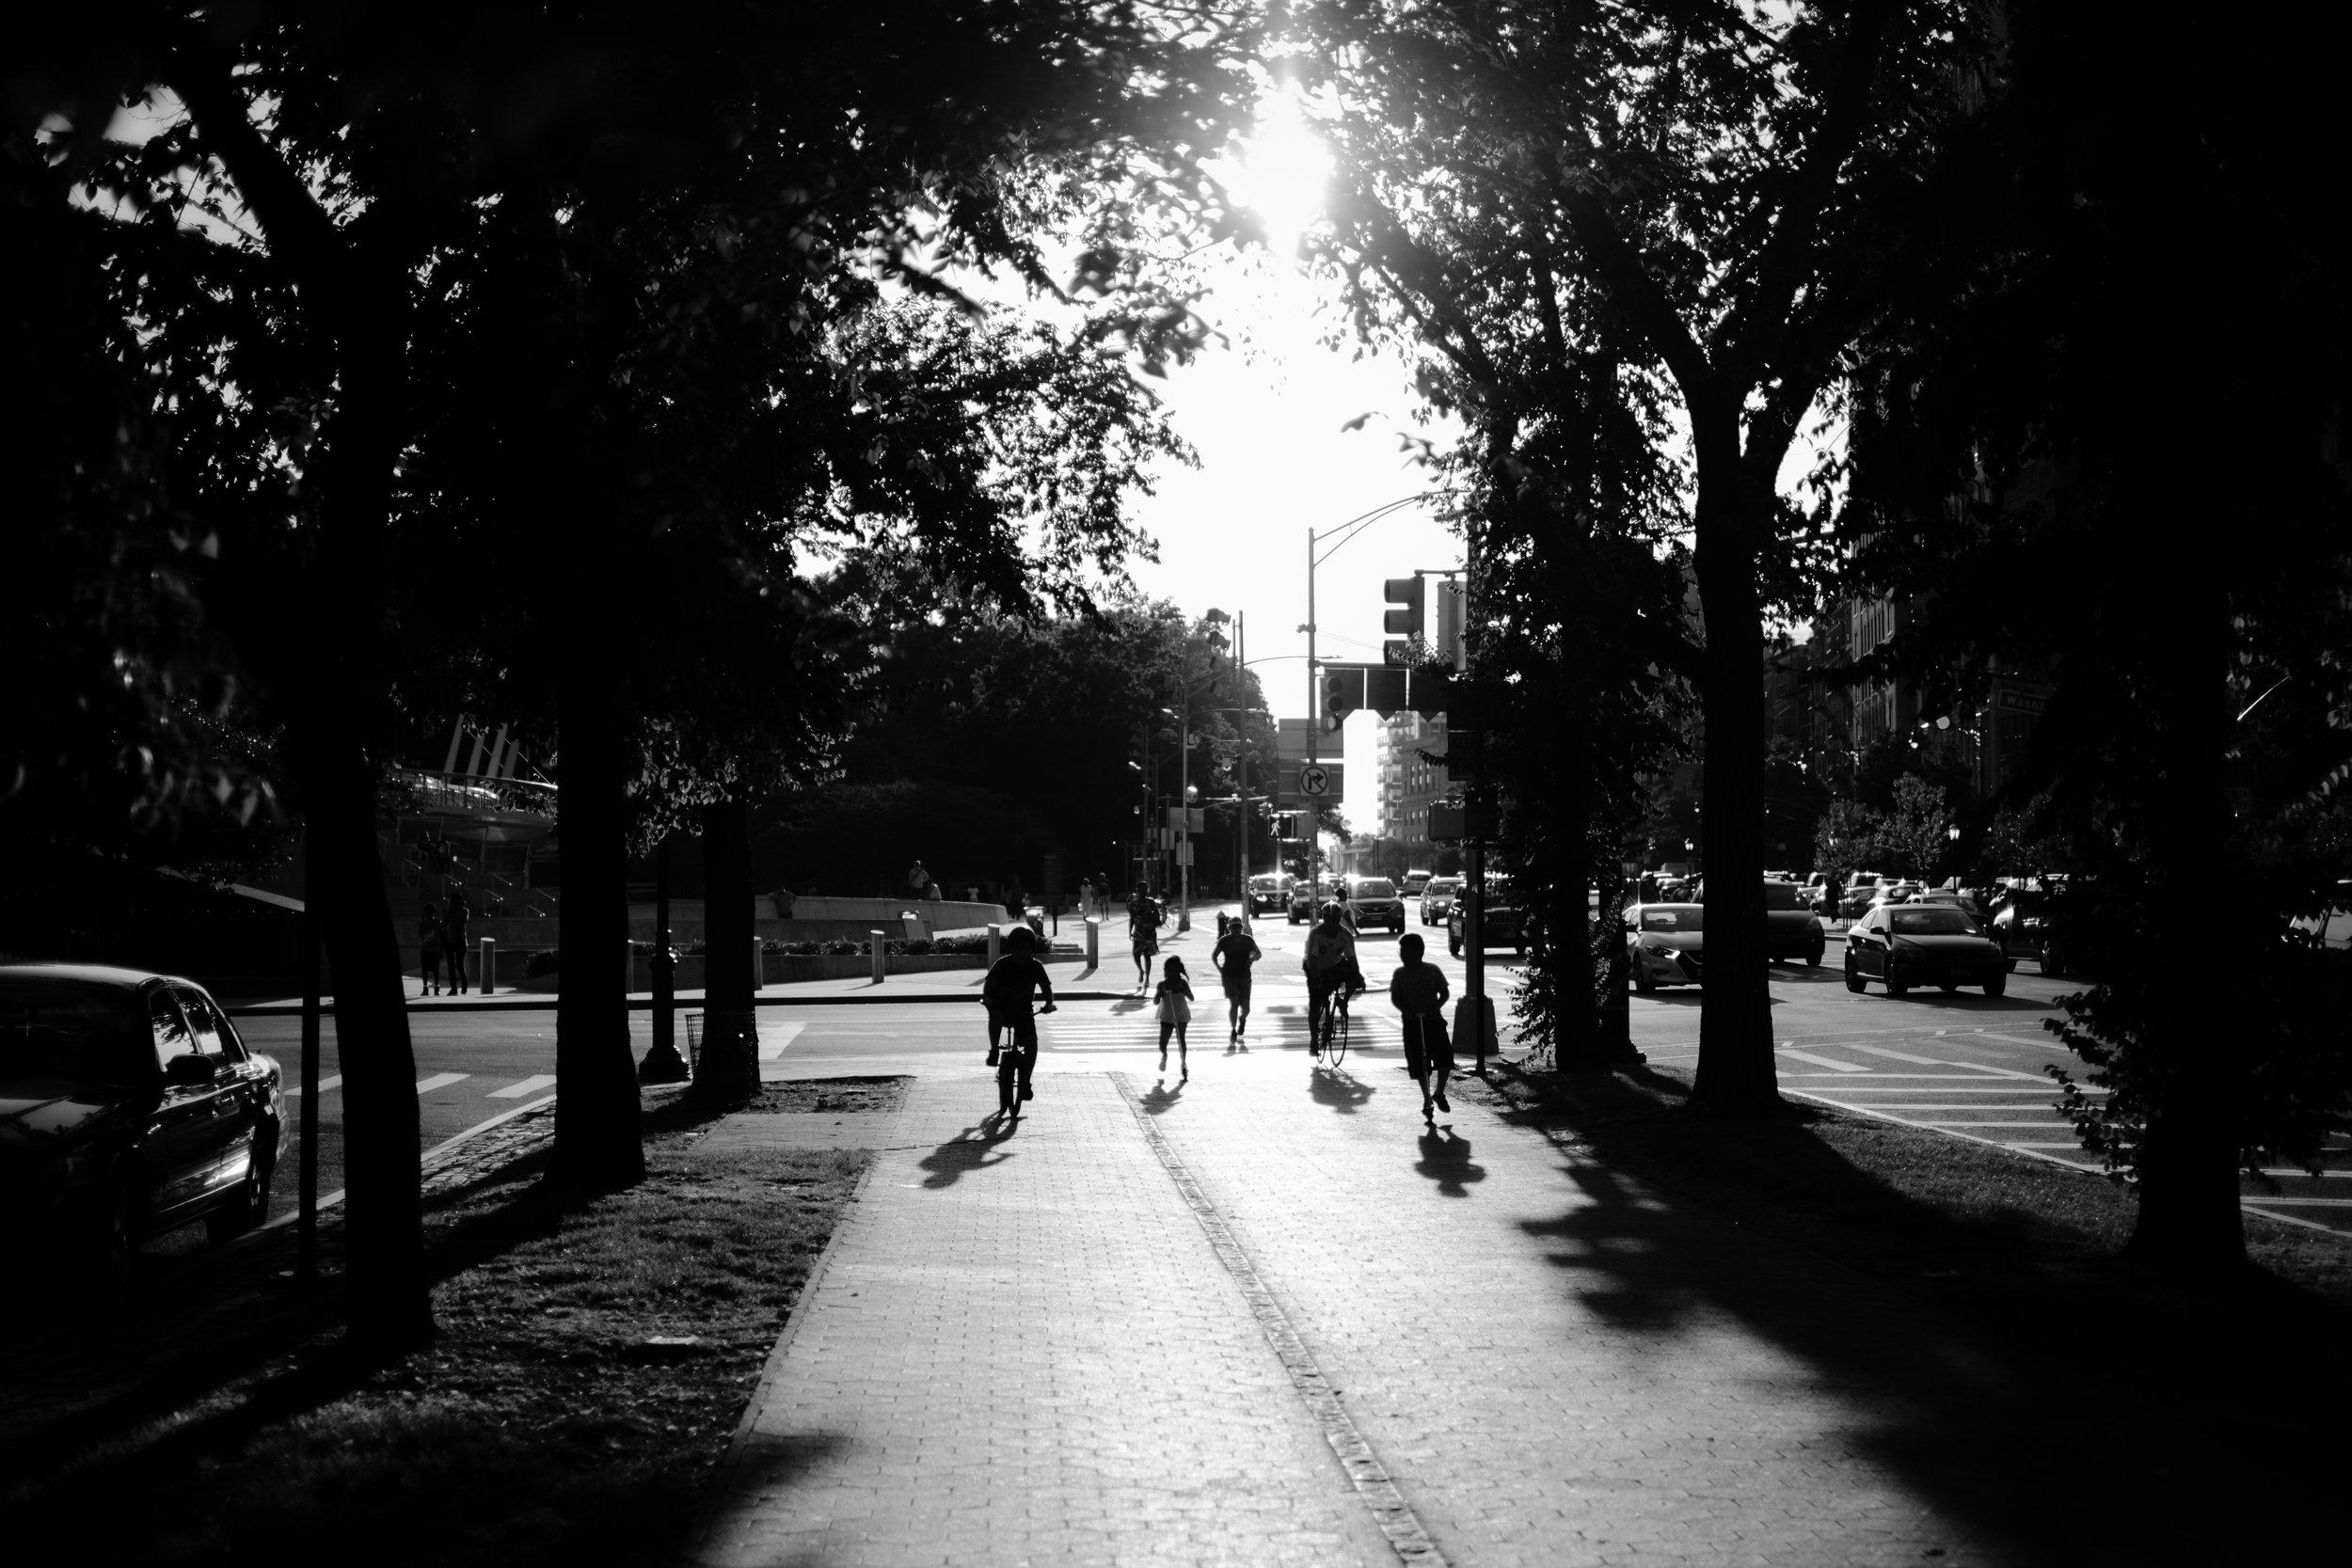 Shadows converge